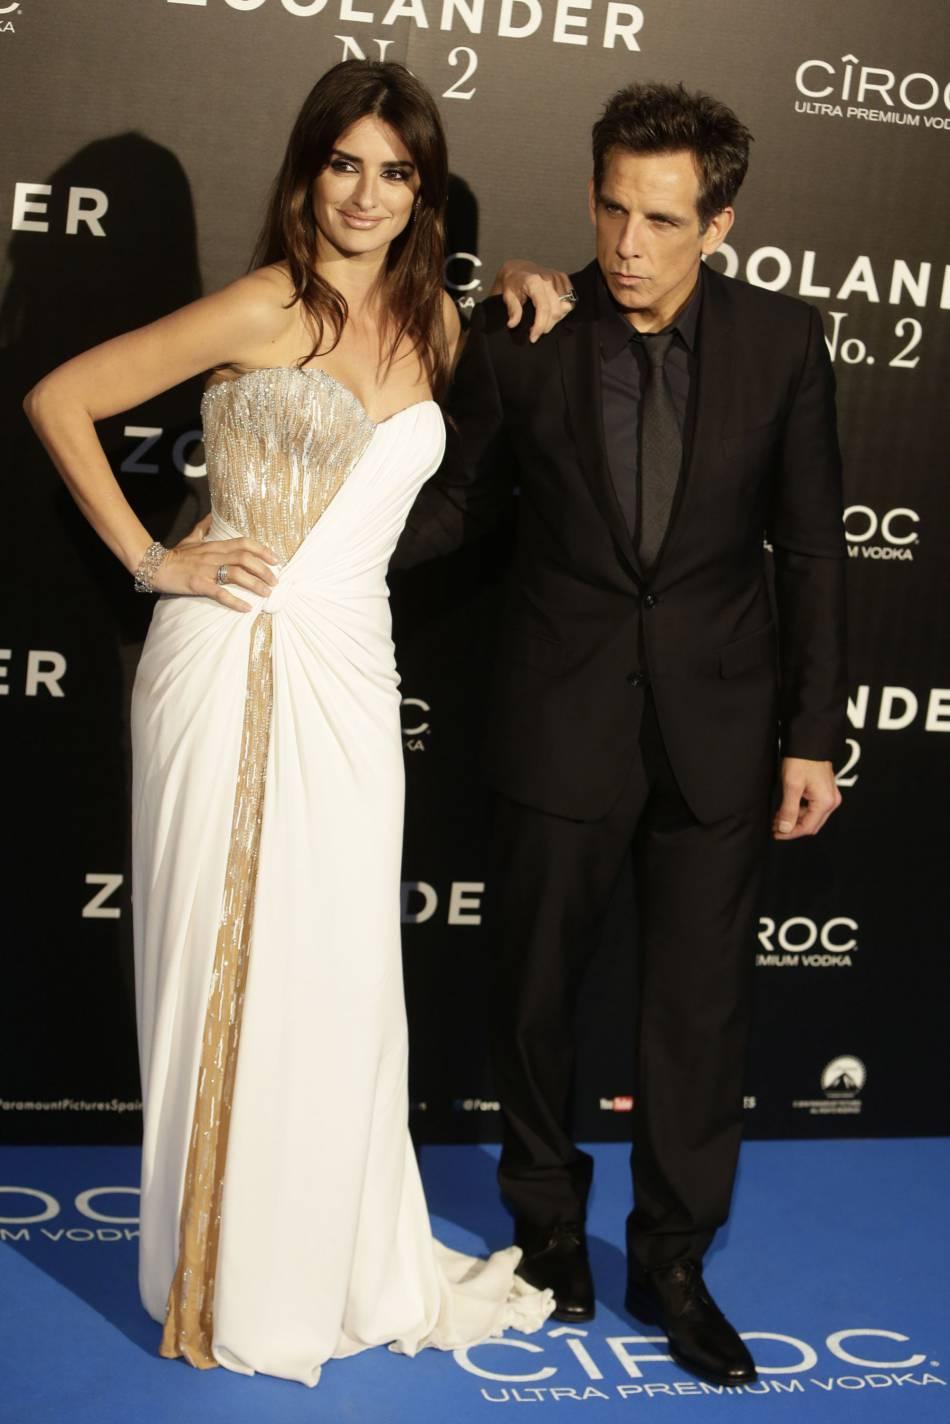 """Penélope Cruz aux côtés de Ben Stiller pour la première du film """"Zoolander 2""""."""